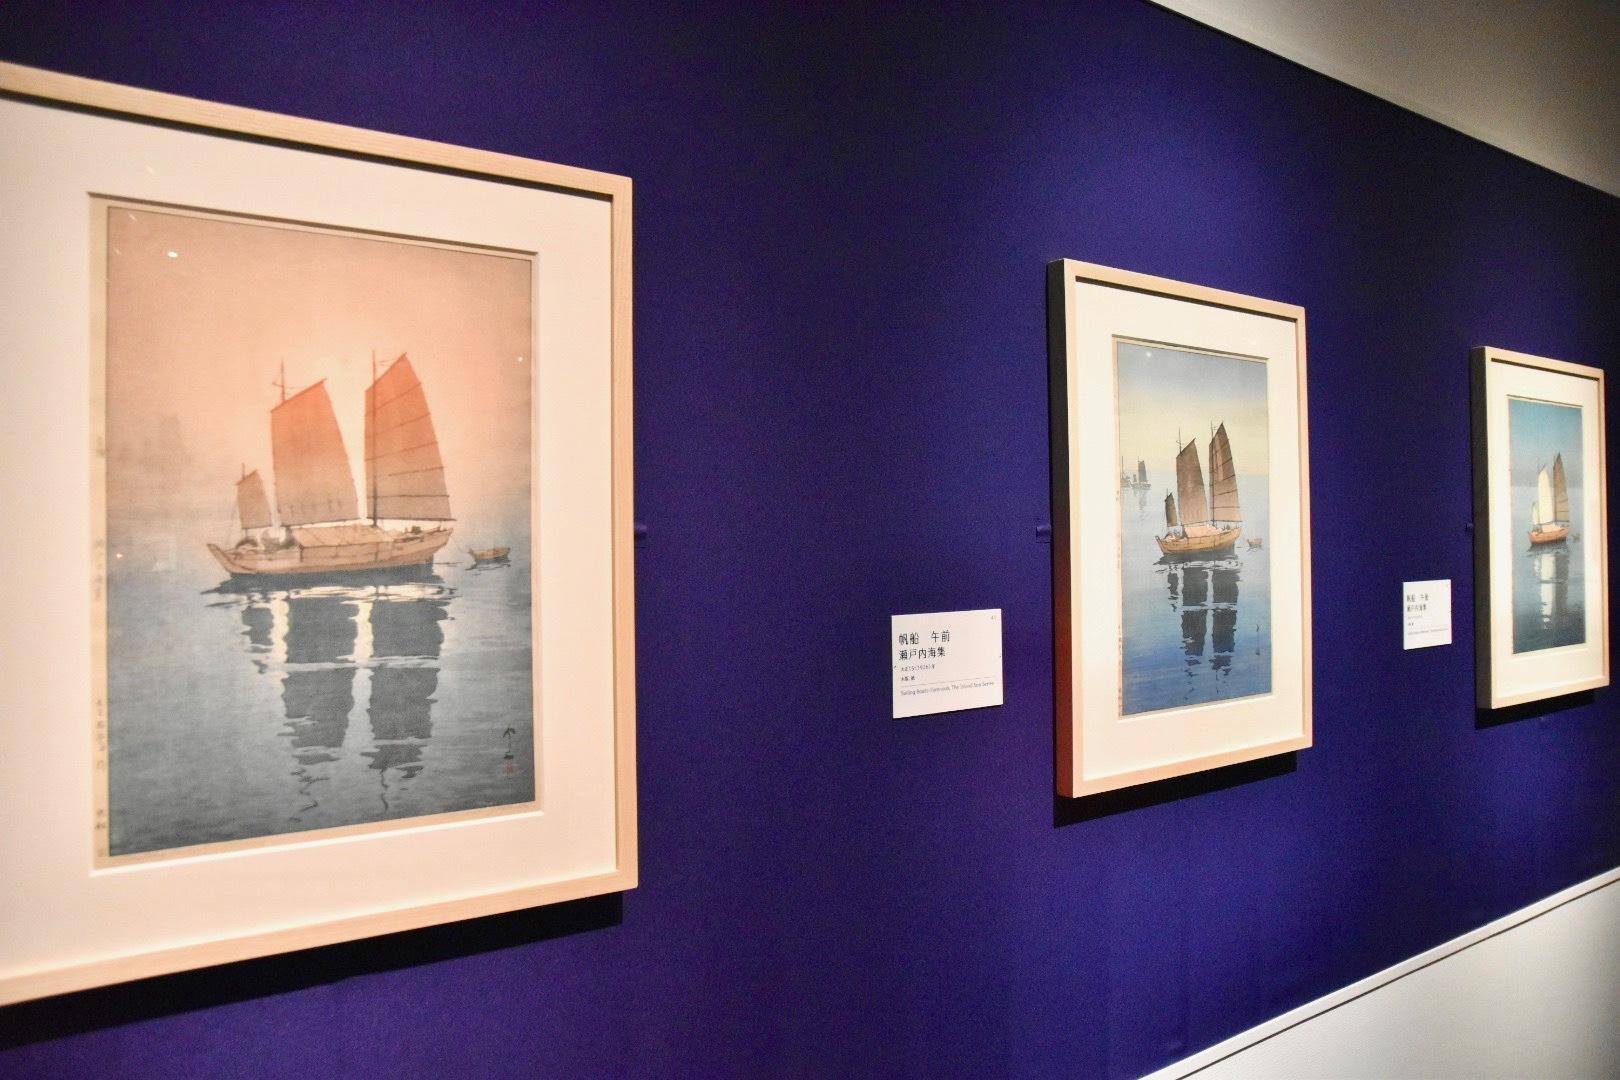 『没後70年 吉田博展』展示風景。 『瀬戸内海集 帆船』シリーズ 左から:《朝》《午前》《午後》いずれも1926年